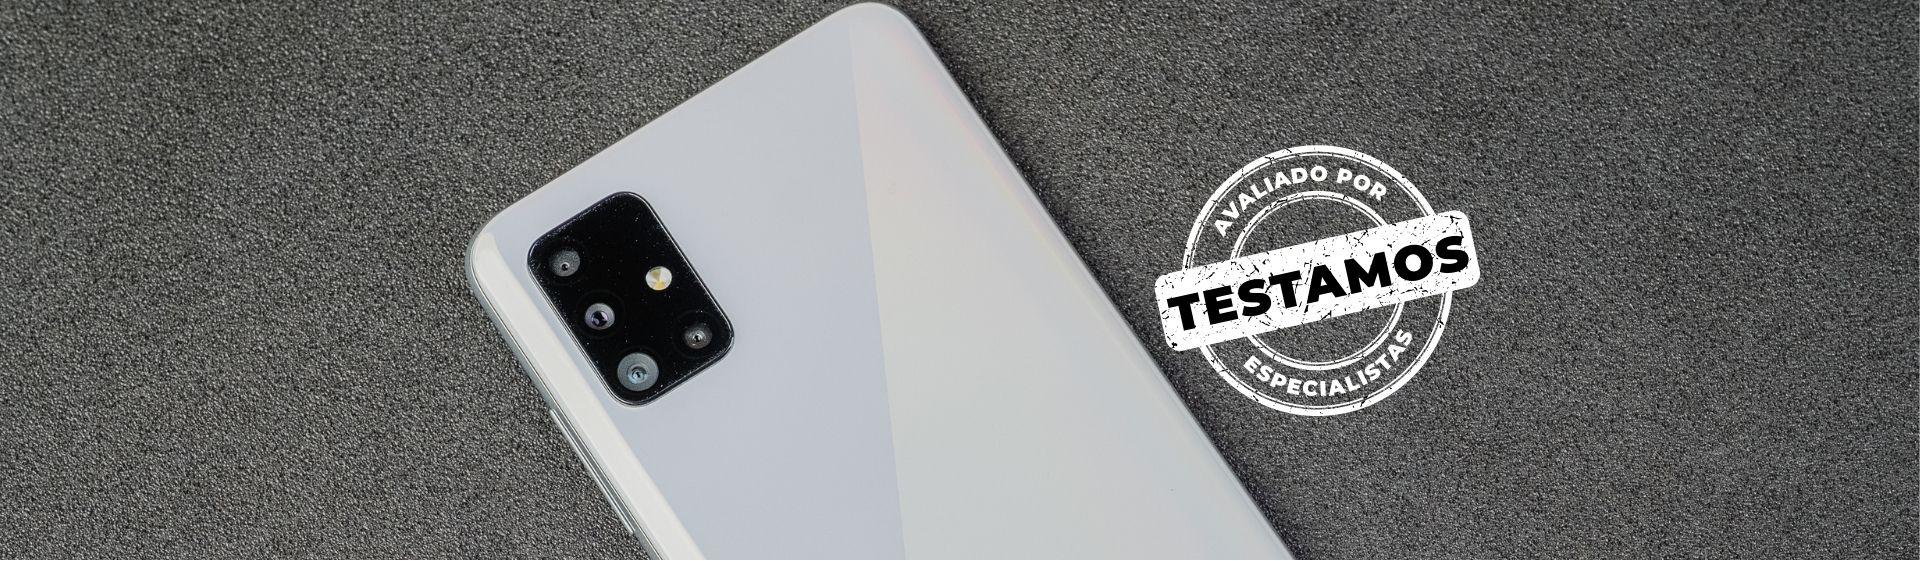 Galaxy A51: intermediário com tela de qualidade e boa câmera